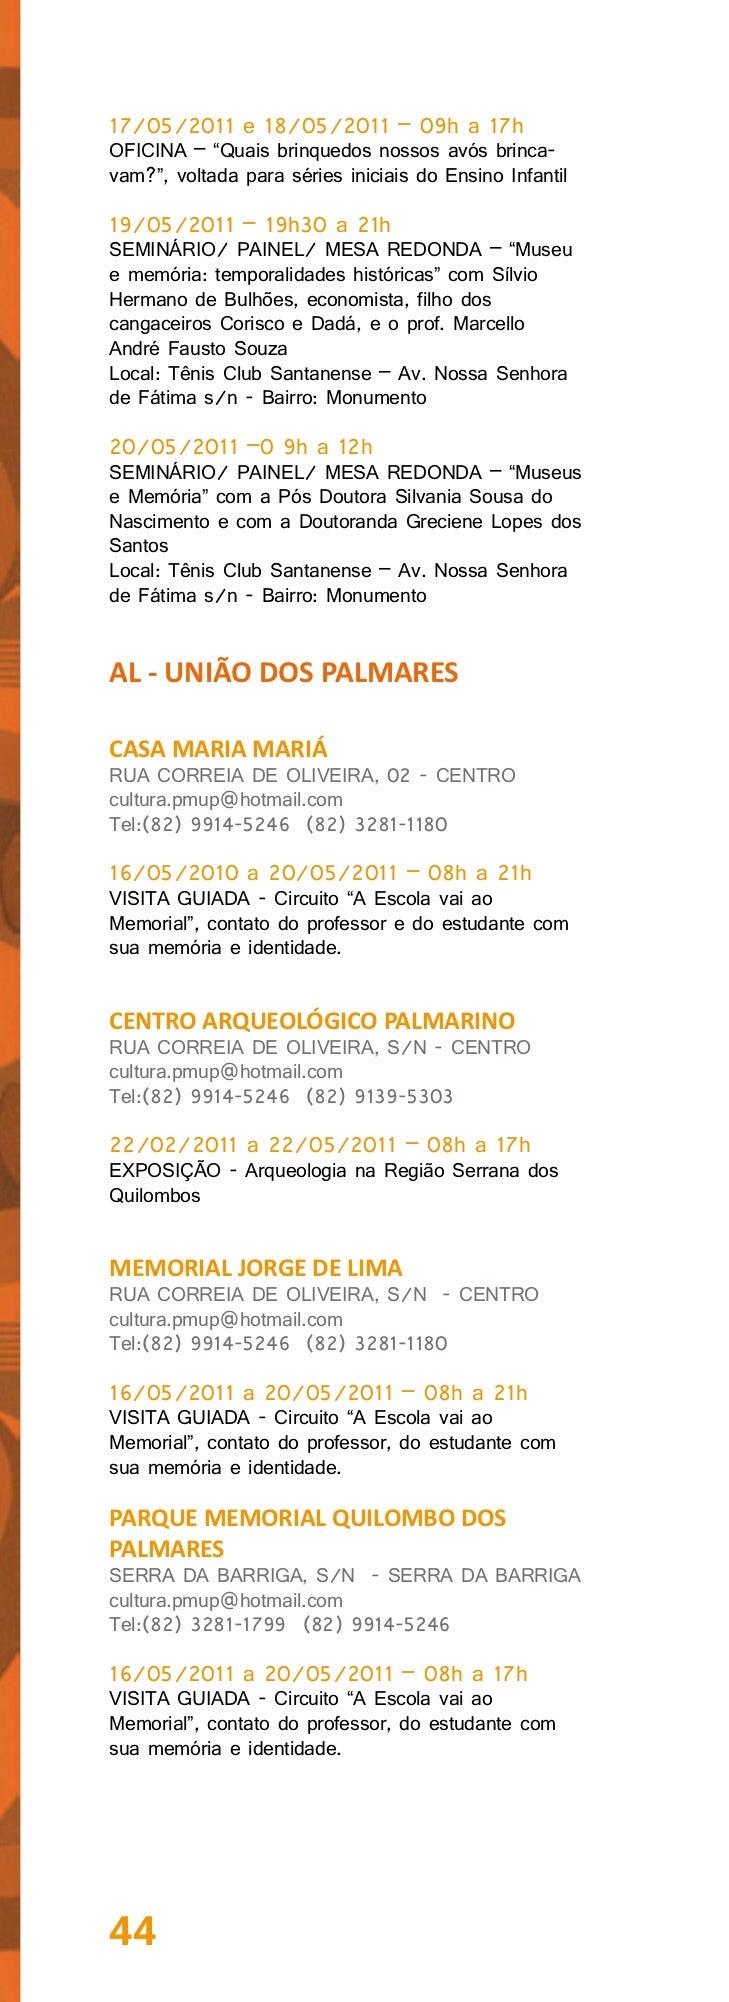 BA - BARREIRASMUSEU MUNICIPAL NAPOLEÃO MATOSMACEDORUA BARÃO DE COTEGIPE, 30 - CASA - CENTROameliasampaio@ibest.com.brTel:(...